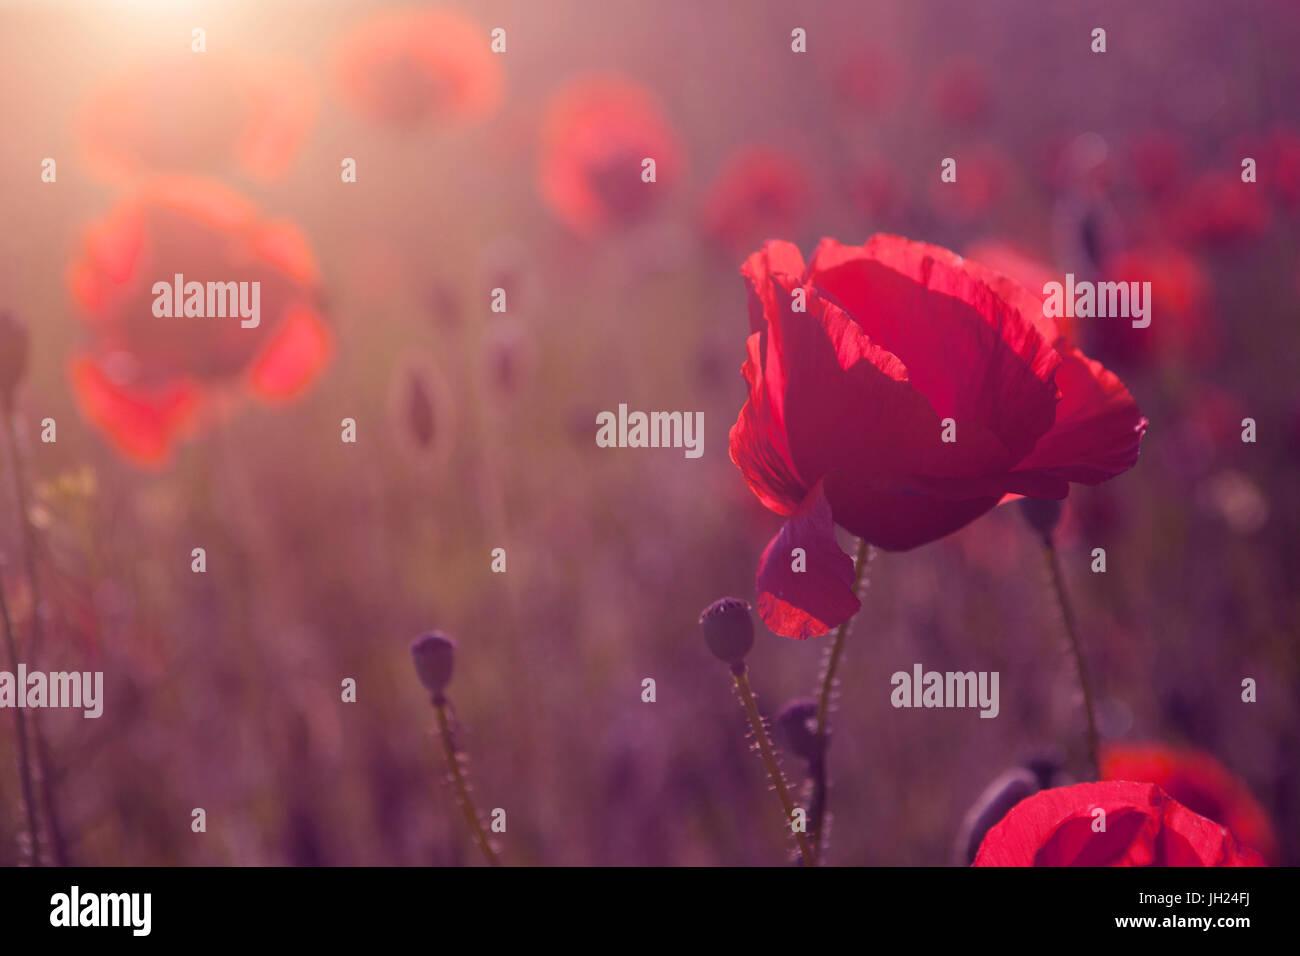 Schöne Mohn Blume Blüte Stockbild